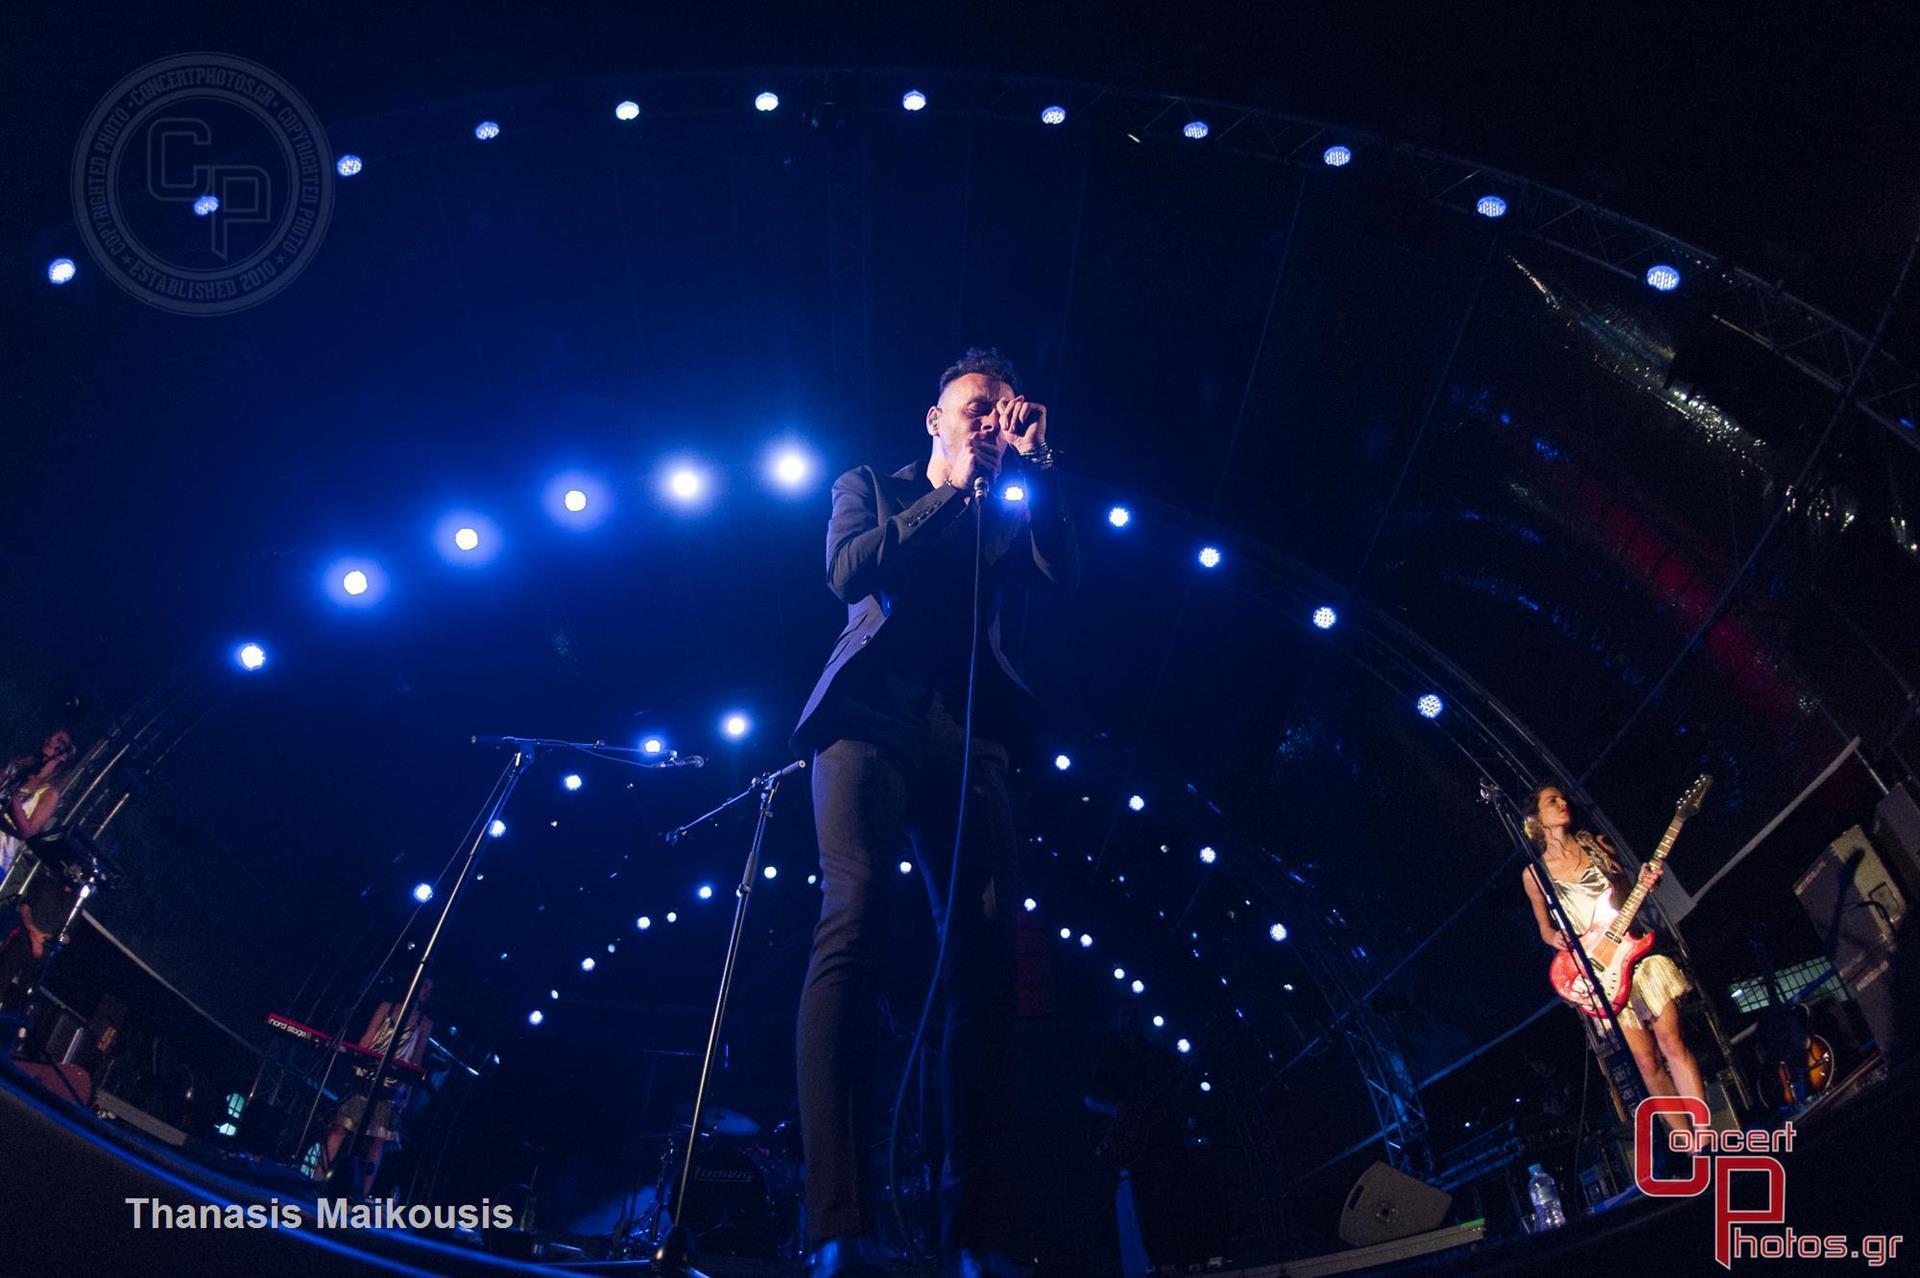 Asaf Avidan-Asaf Avidan photographer: Thanasis Maikousis - ConcertPhotos - 20150624_2103_02